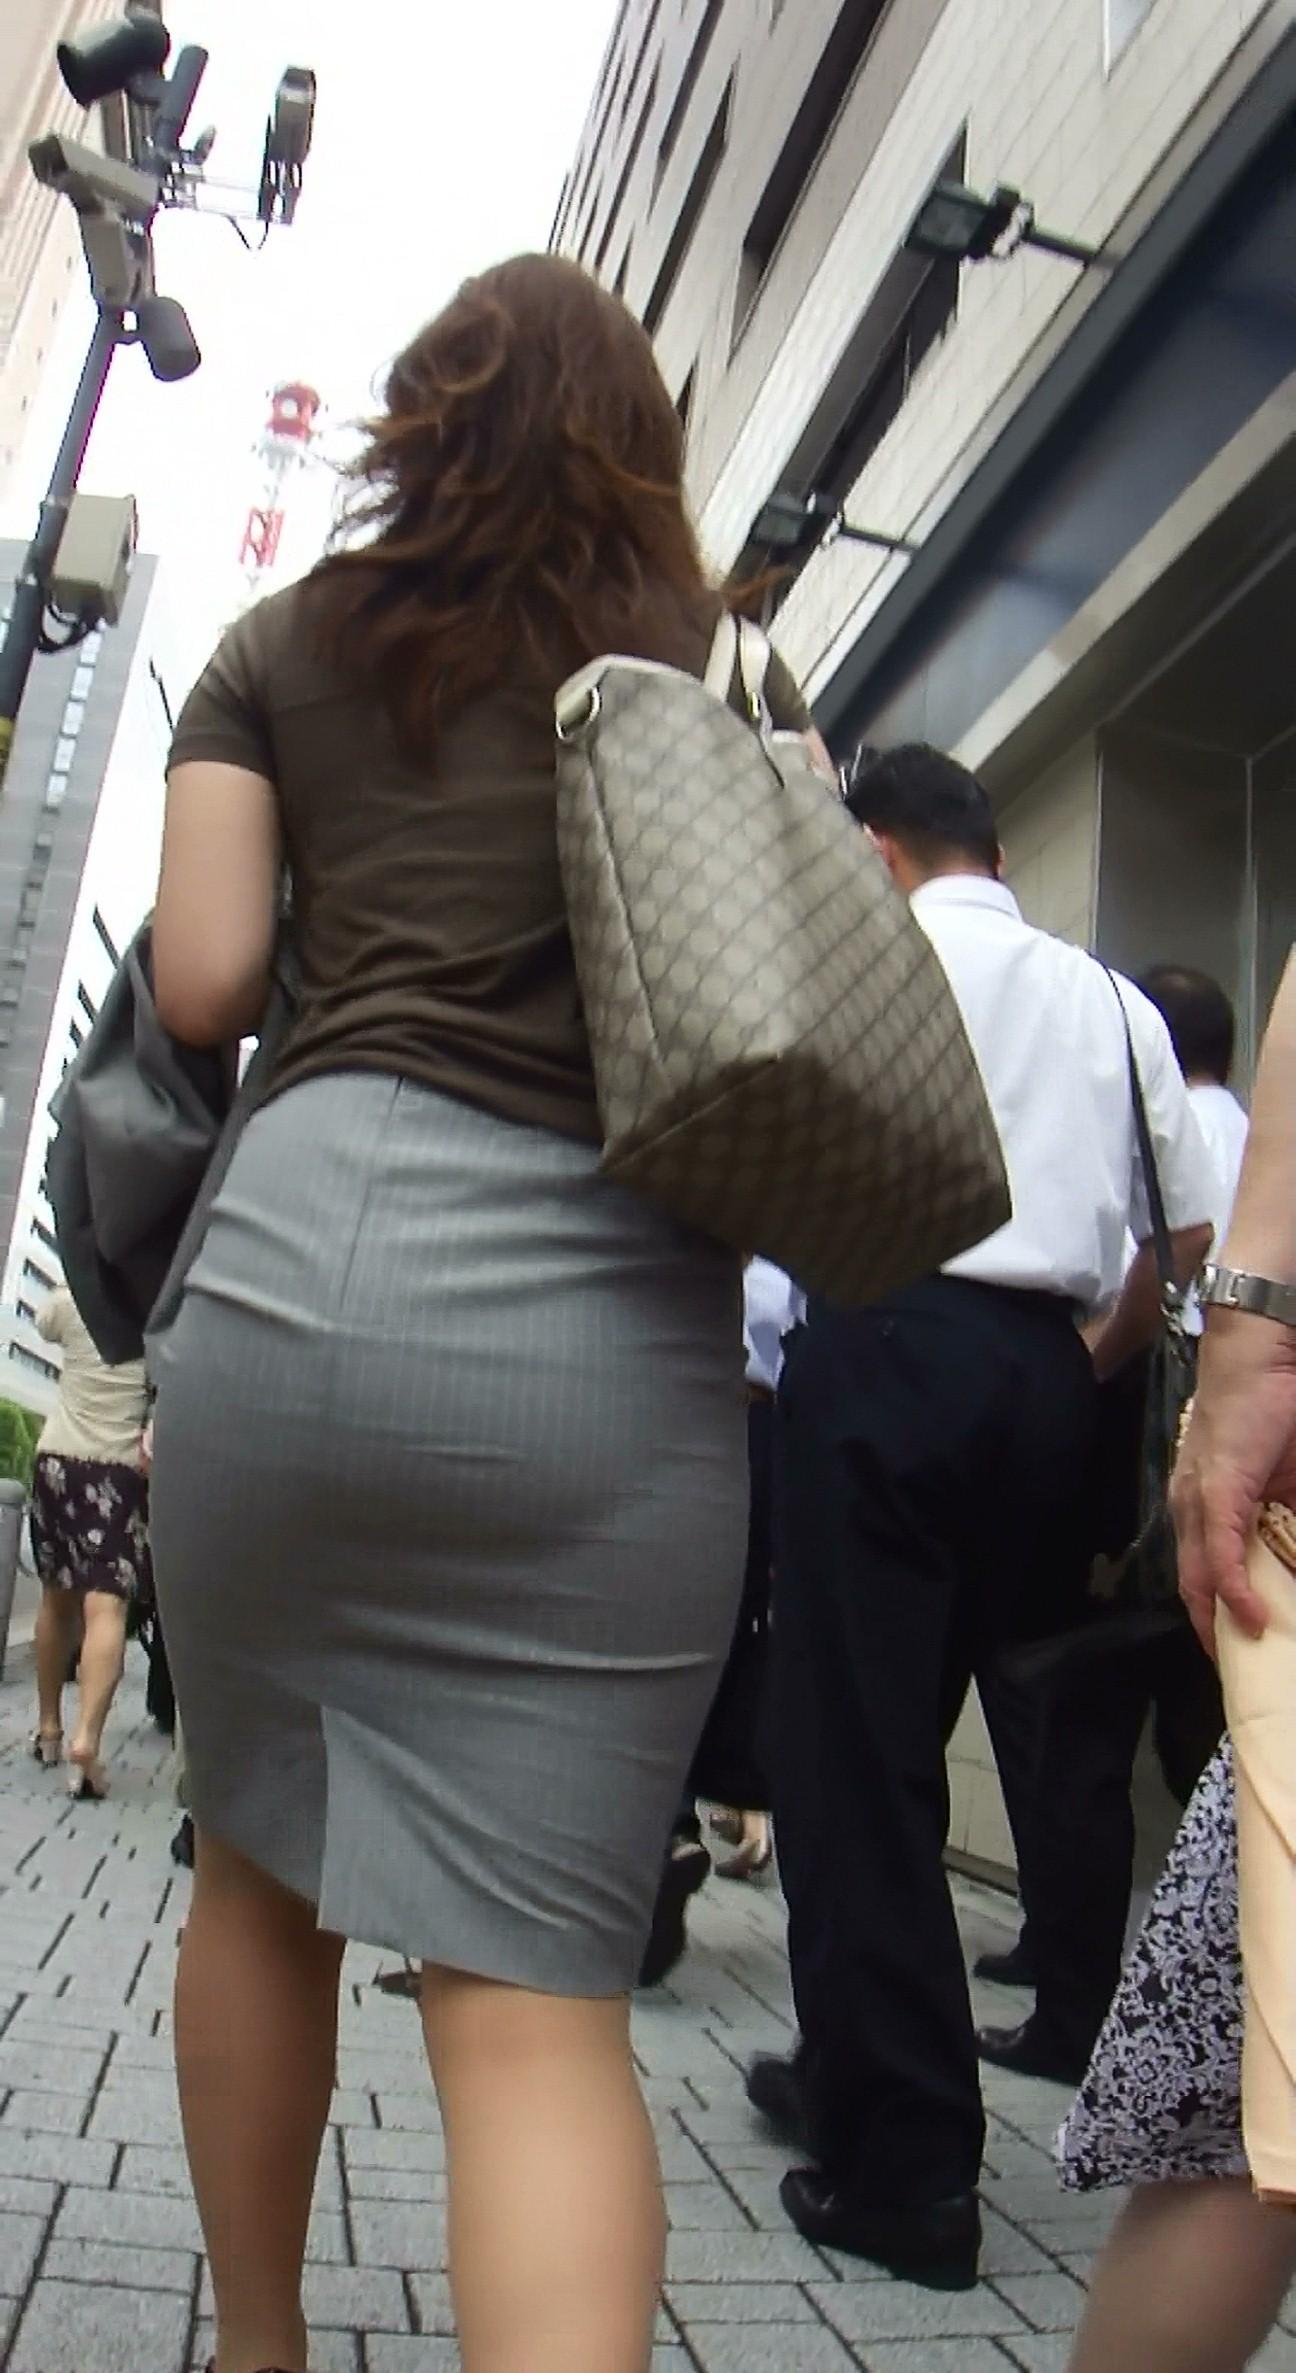 ふくらはぎフェチのタイトスカートOLエロ画像5枚目